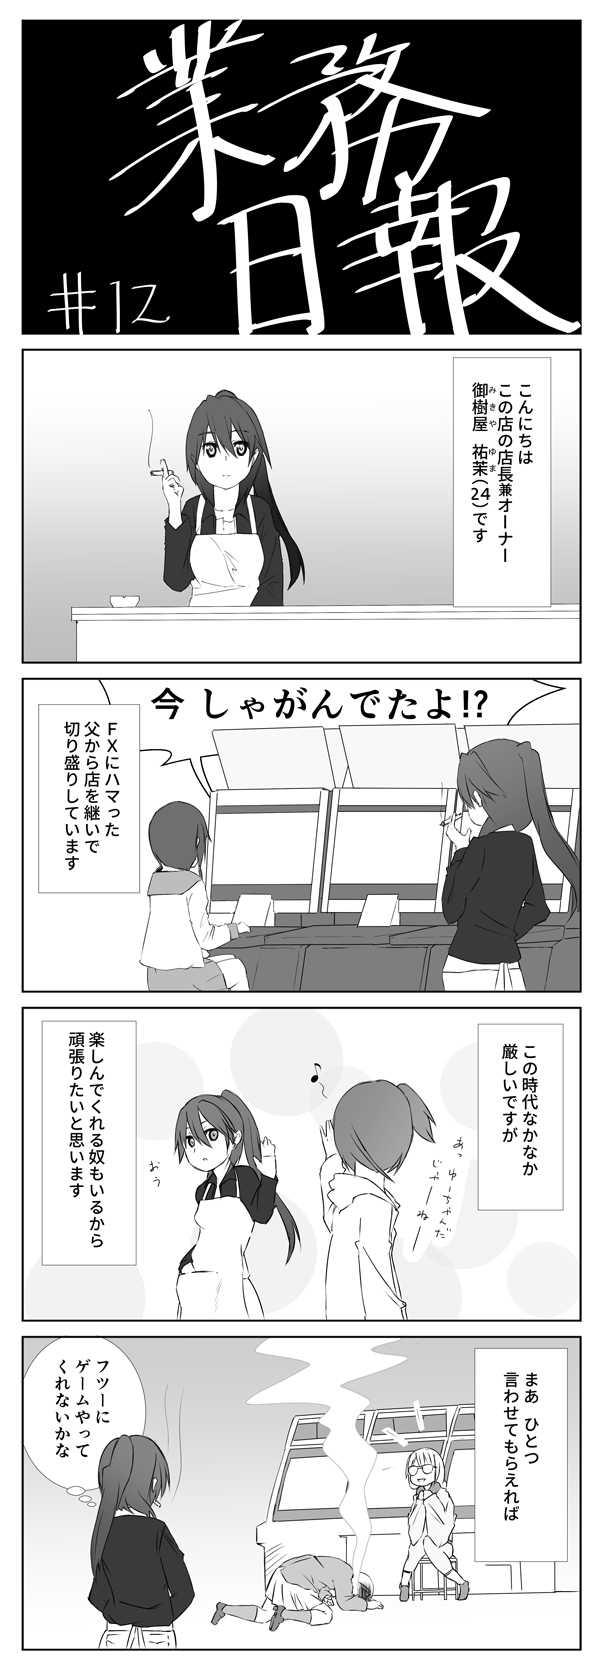 たゆたRom. 12本目「業務日報」